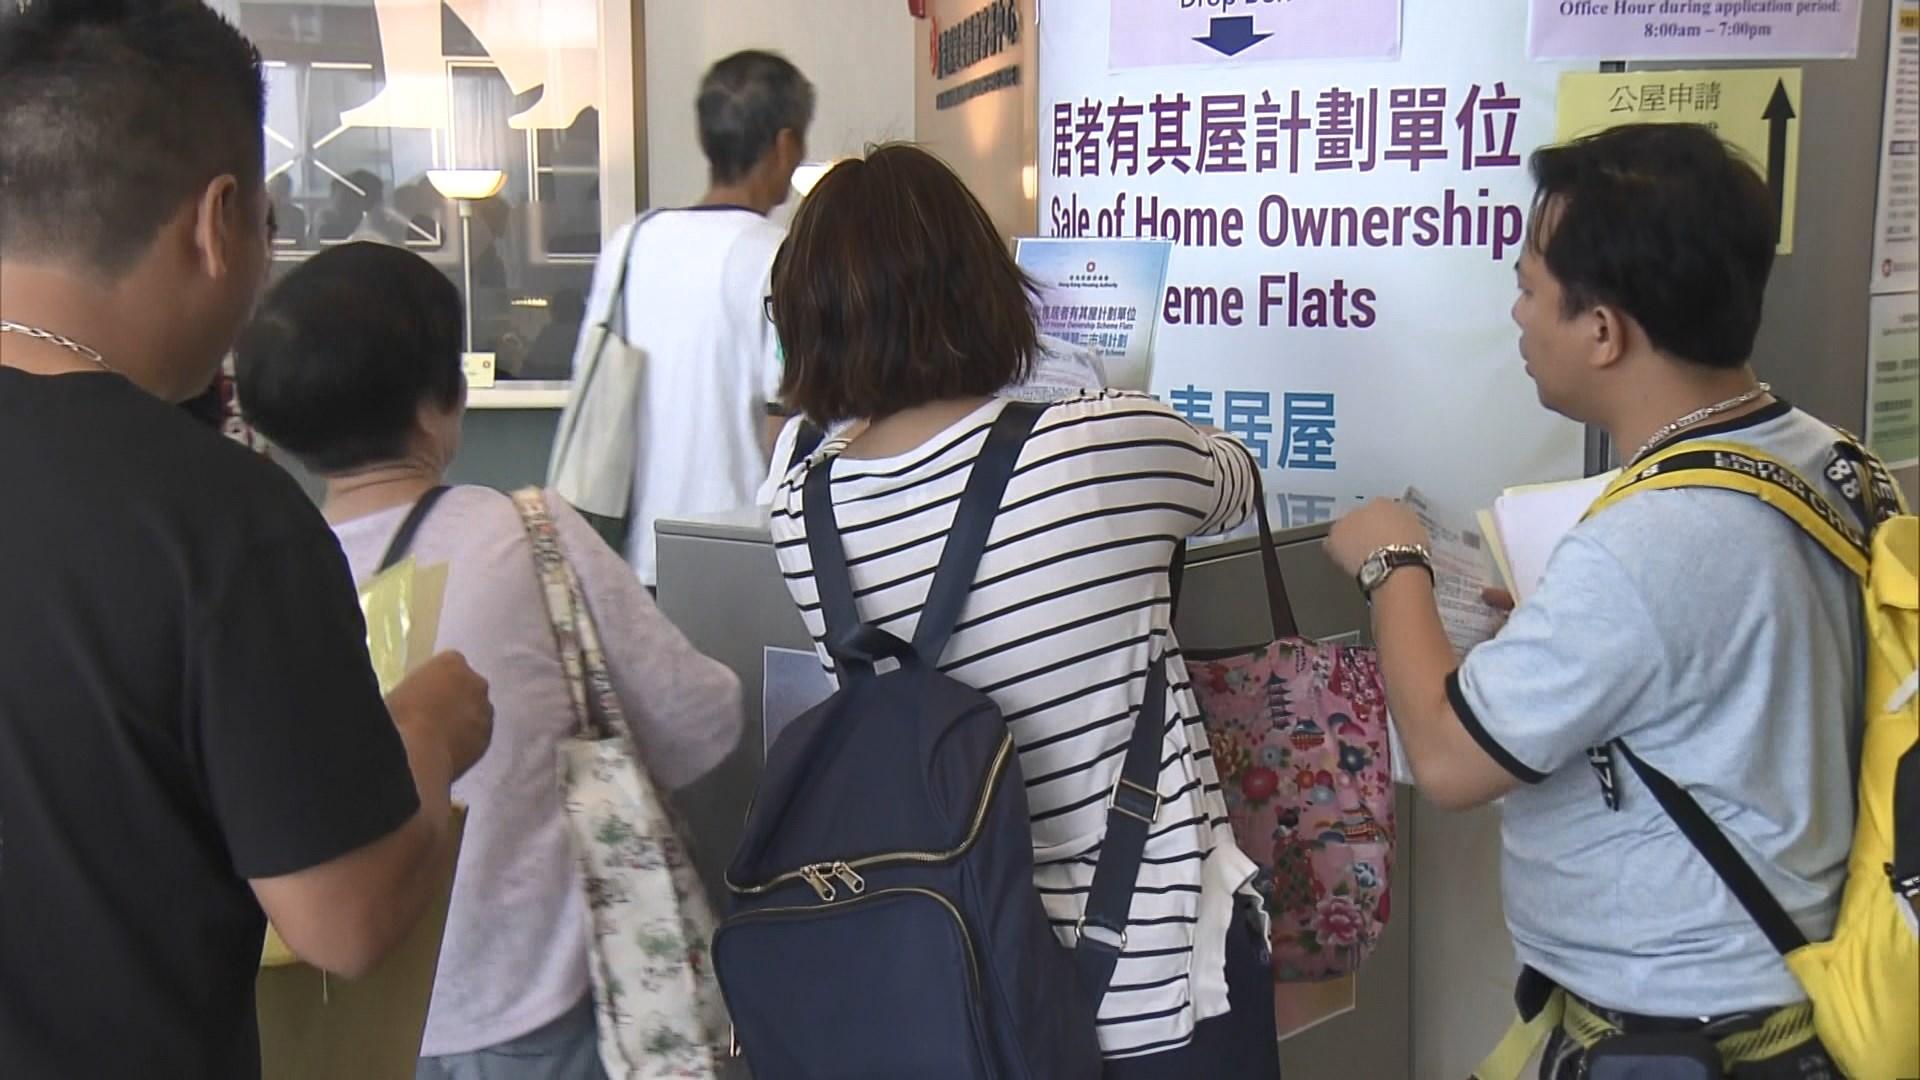 有市民認為親自交居屋申請表較穩妥